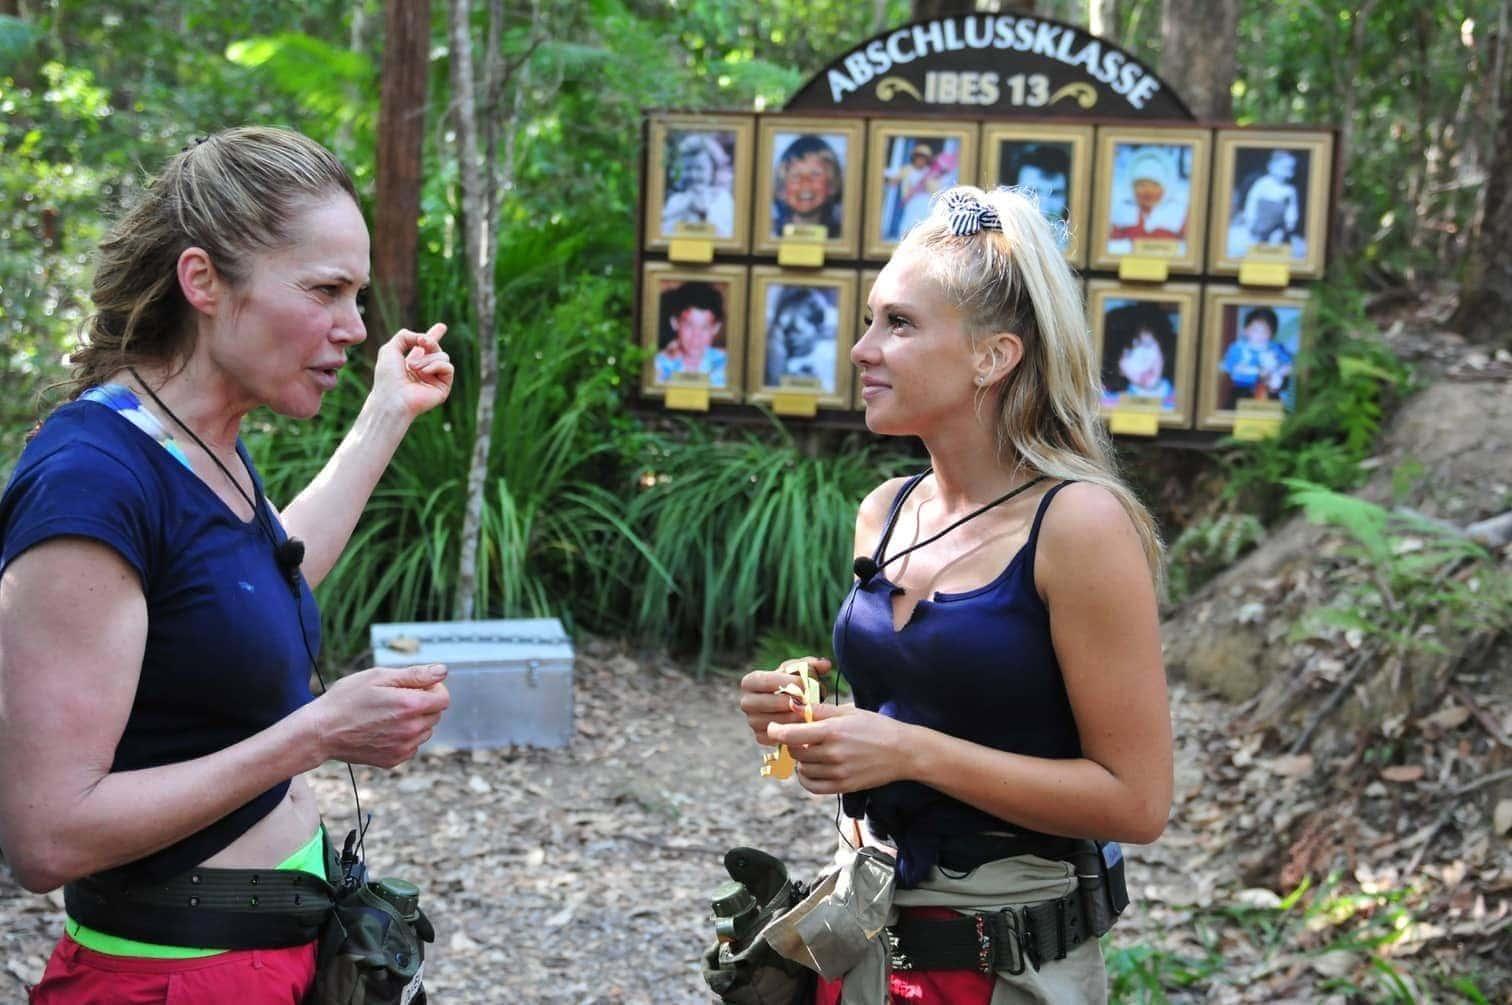 """wenn ihr die Dschungel-Galerie korrekt vervollständigt habt.""""</p> Foto: TV NOW / Stefan Menne"""